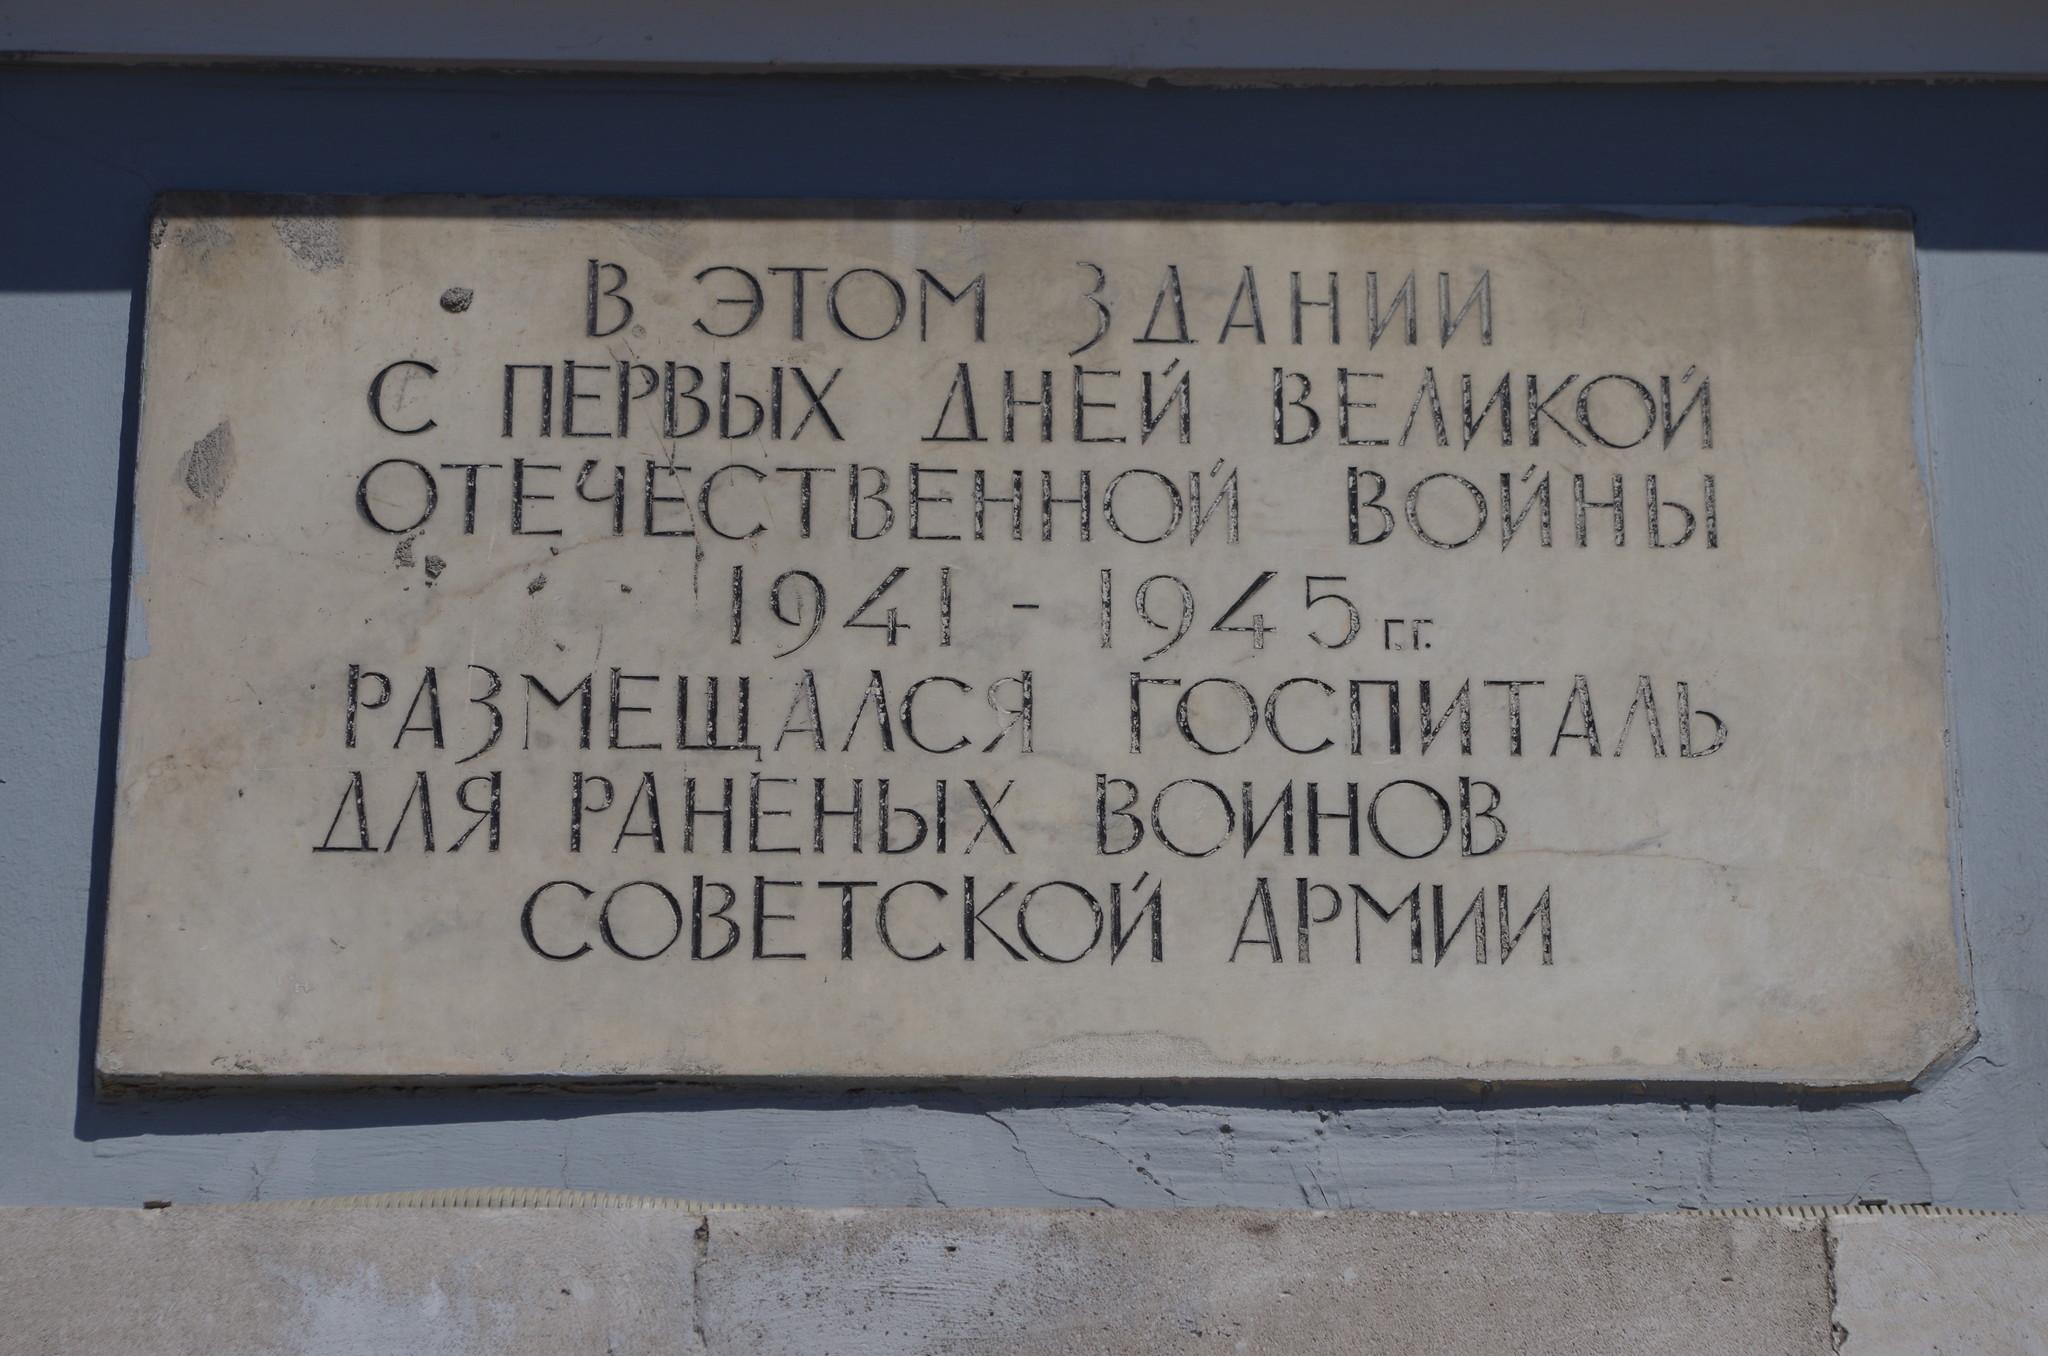 Мемориальная доска на фасаде здания Центрального корпуса Шереметьевской больницы (Большая Сухаревская площадь, дом 3, строение 1)